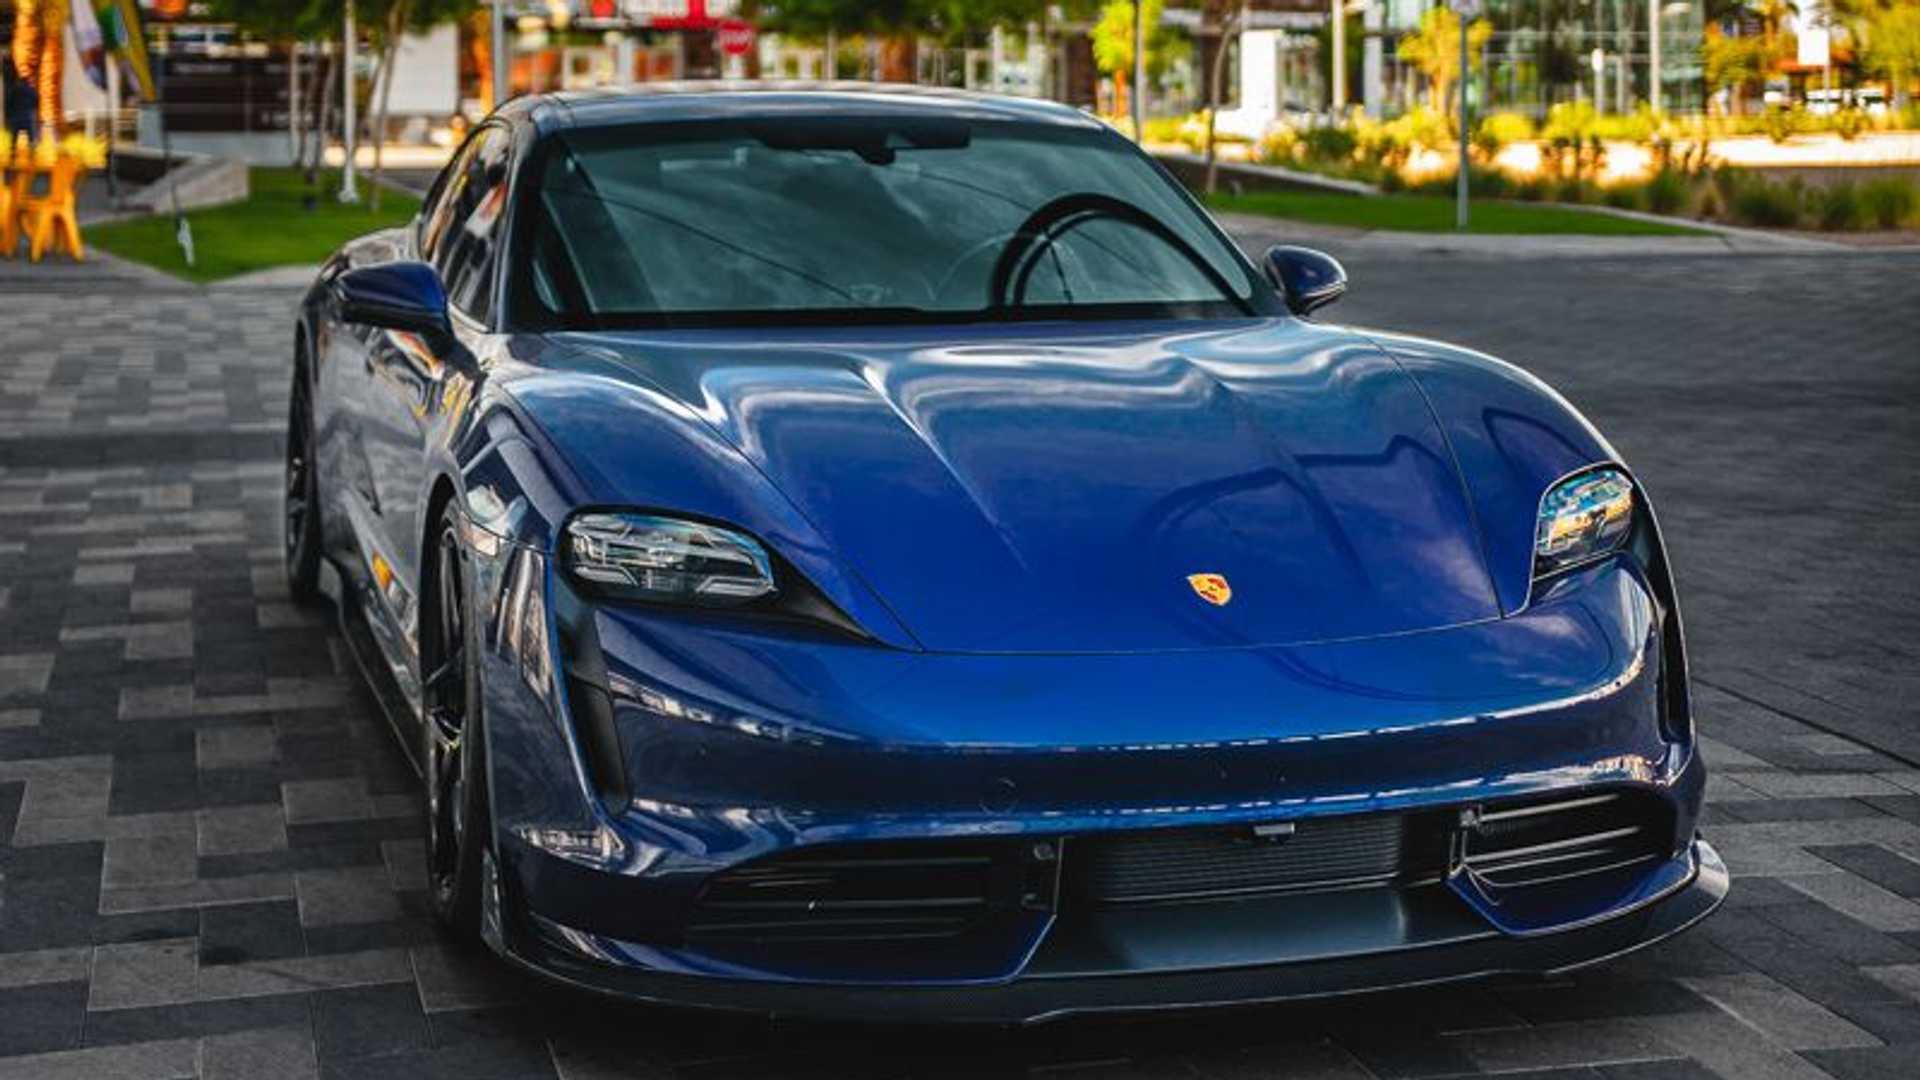 Porsche-Taycan-by-Vivid-Racing-10